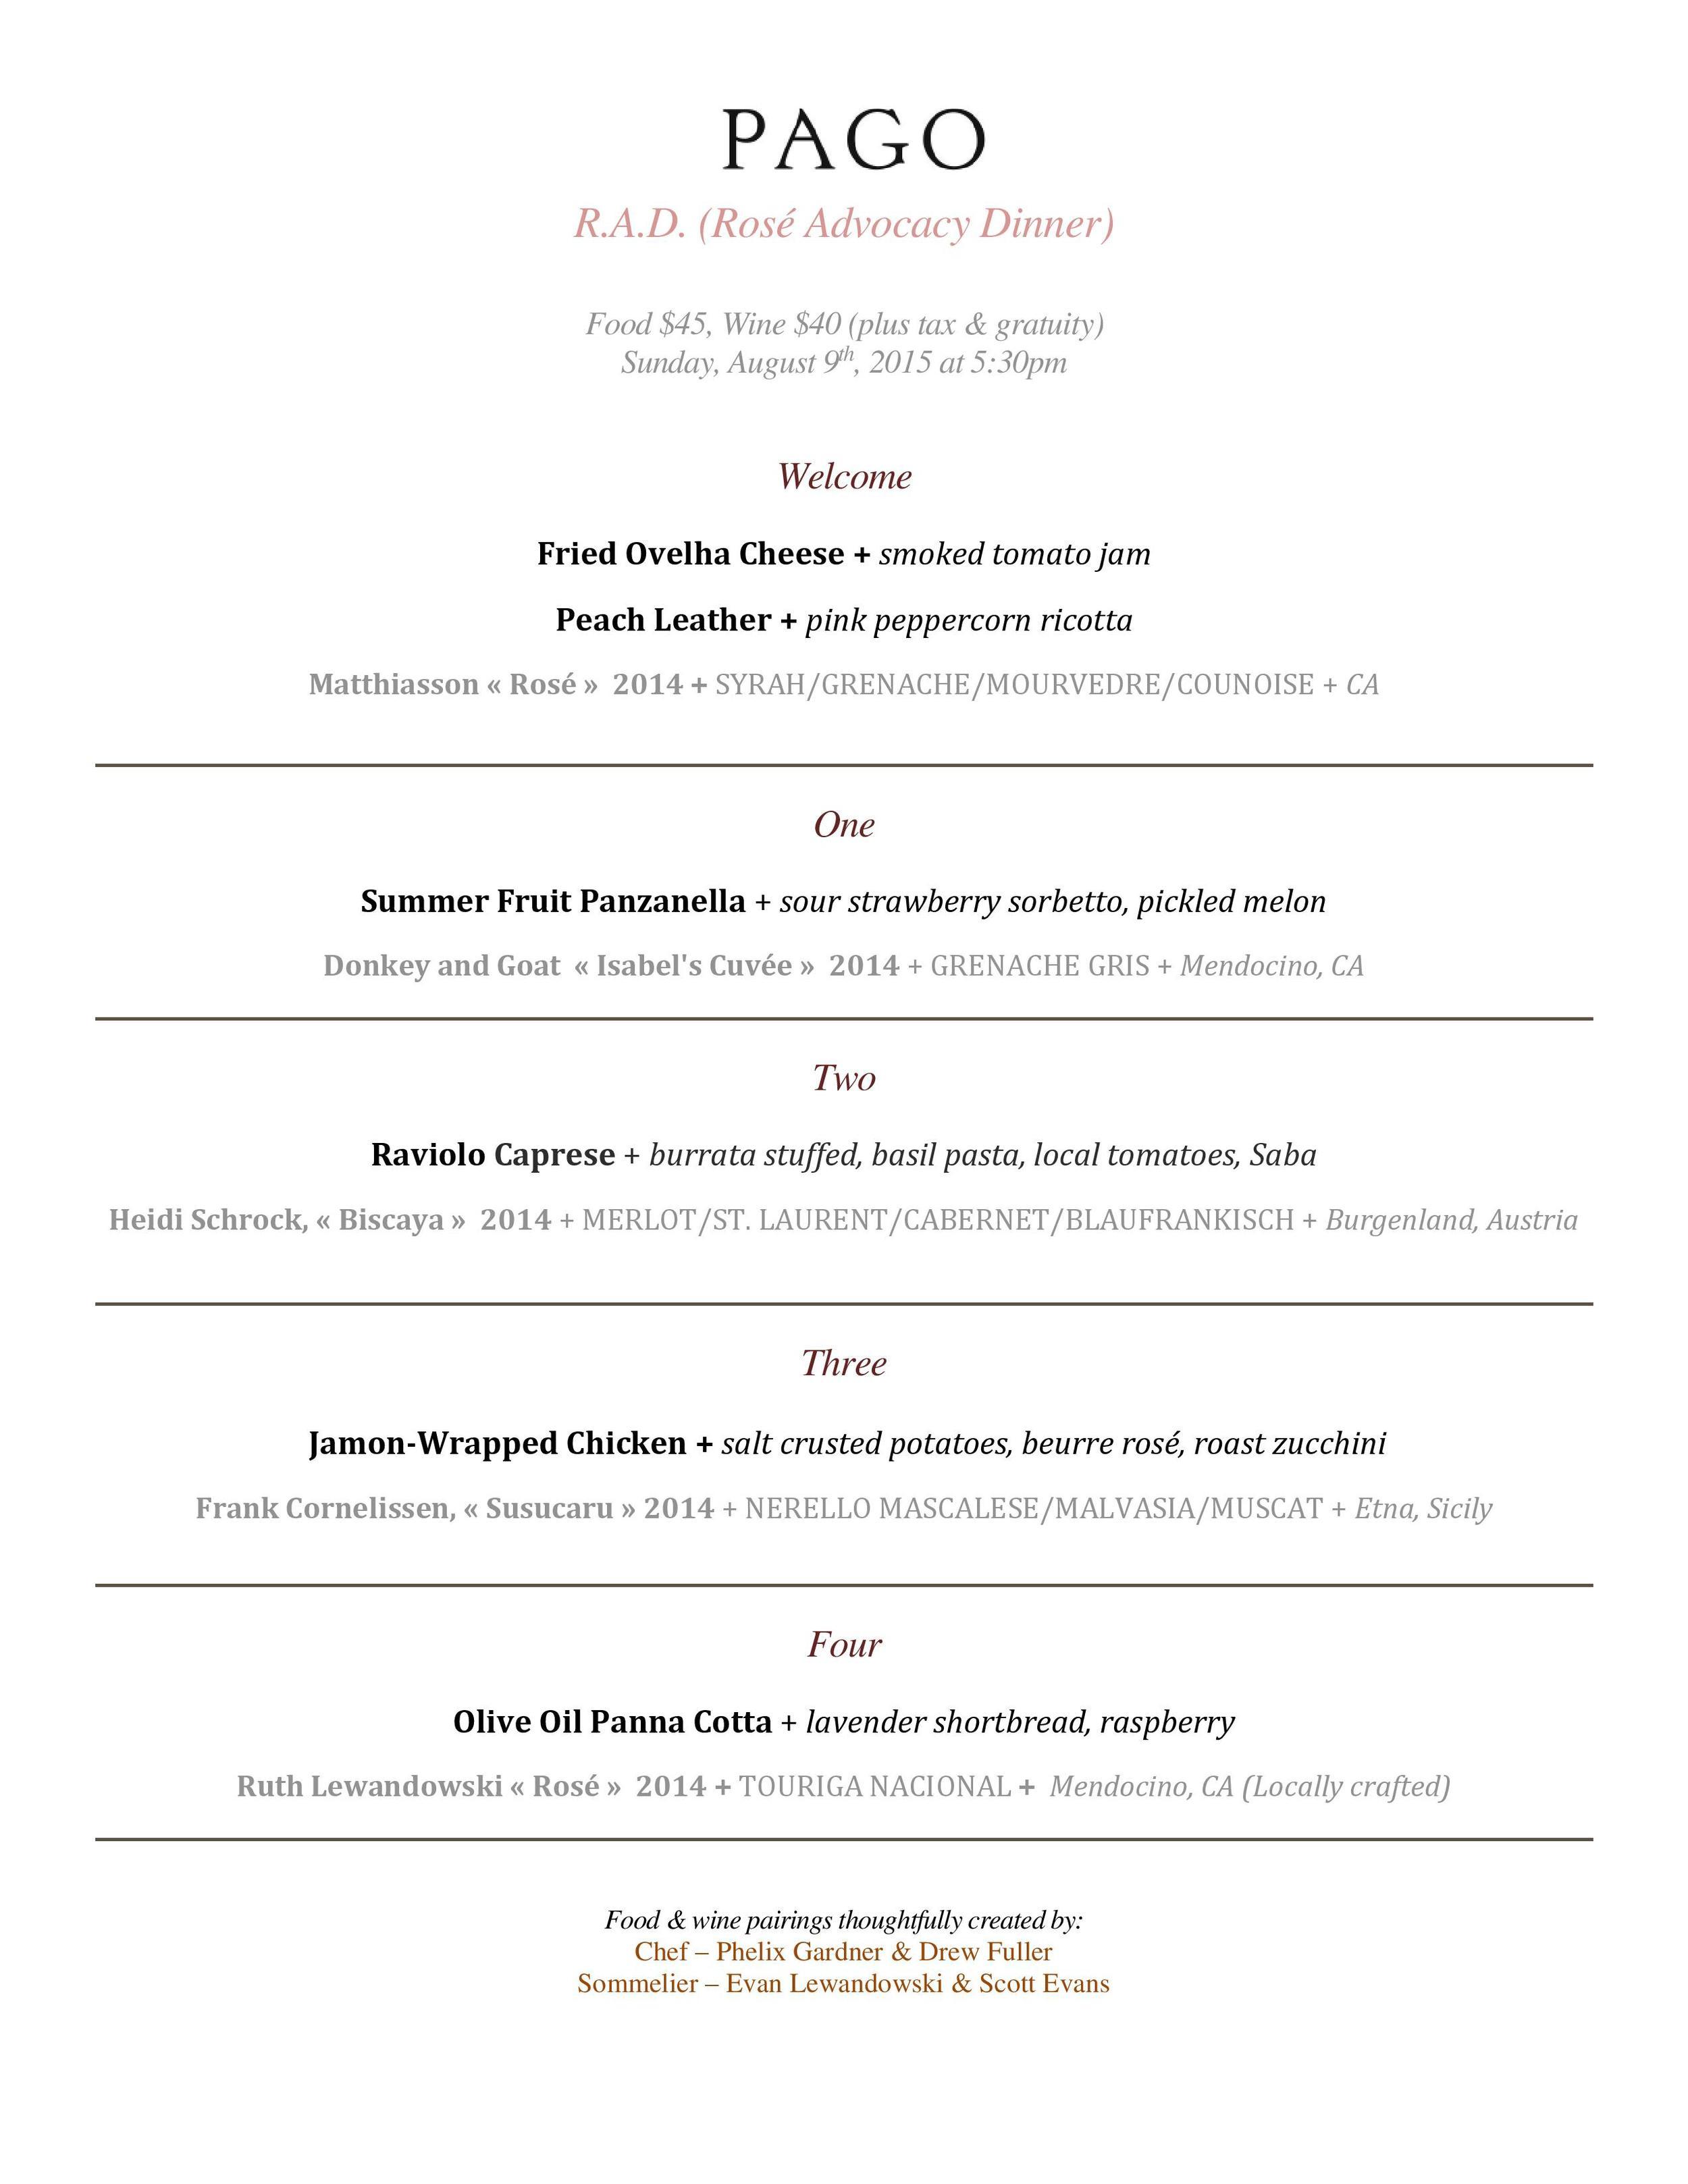 MENU - PAGO Rosé Advocacy Dinner (R.A.D.)